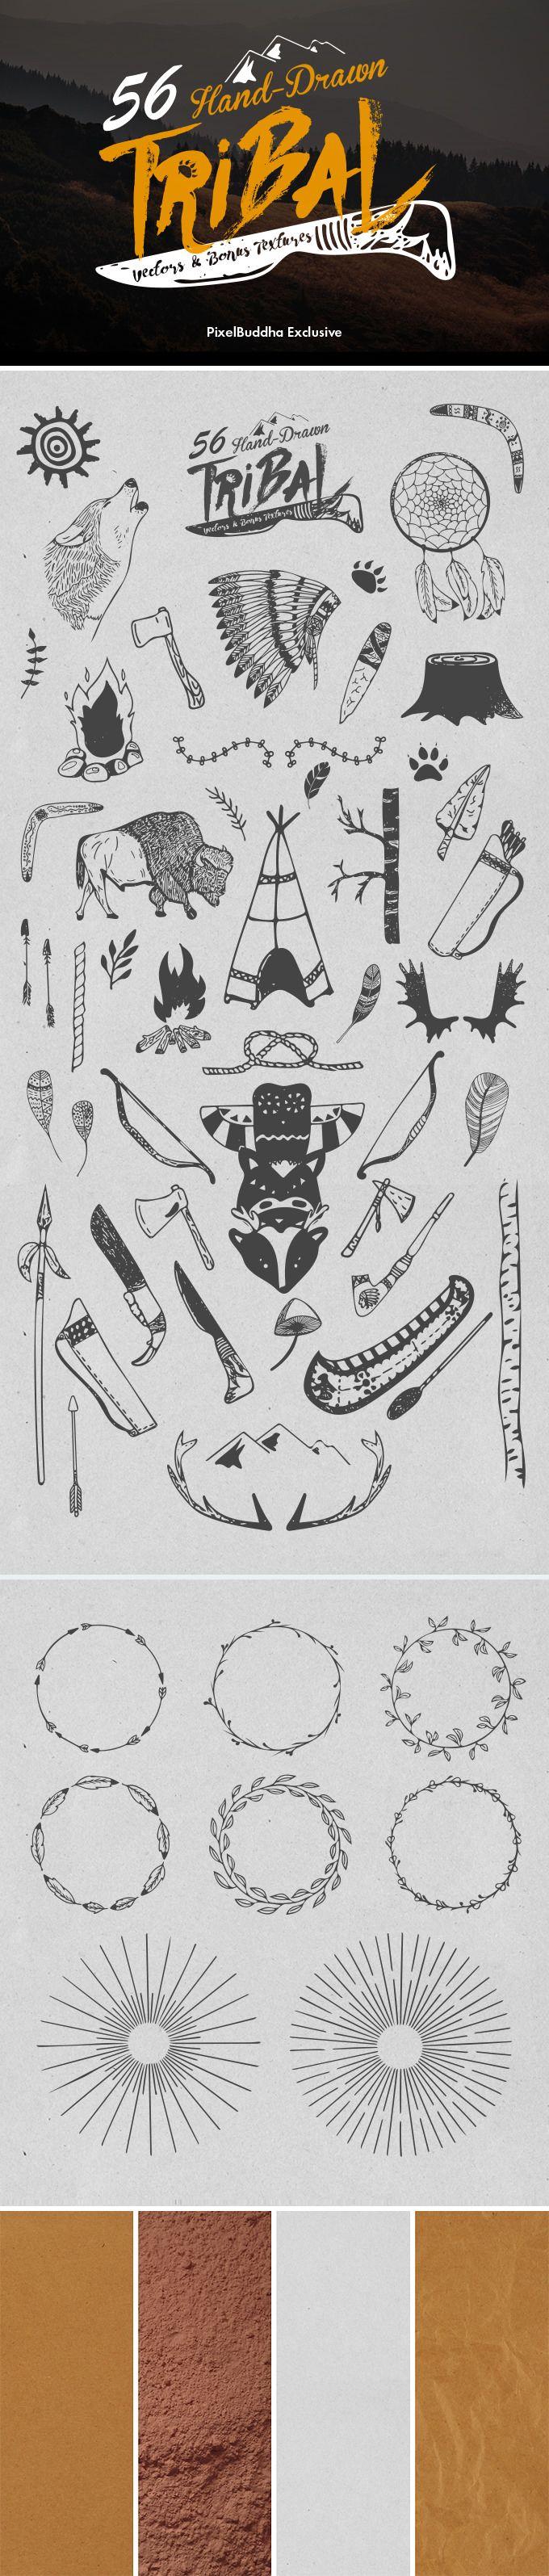 Vectores tribales hechos a mano alzada GRATIS para uso personal/comercial. En formato .AI y .EPS